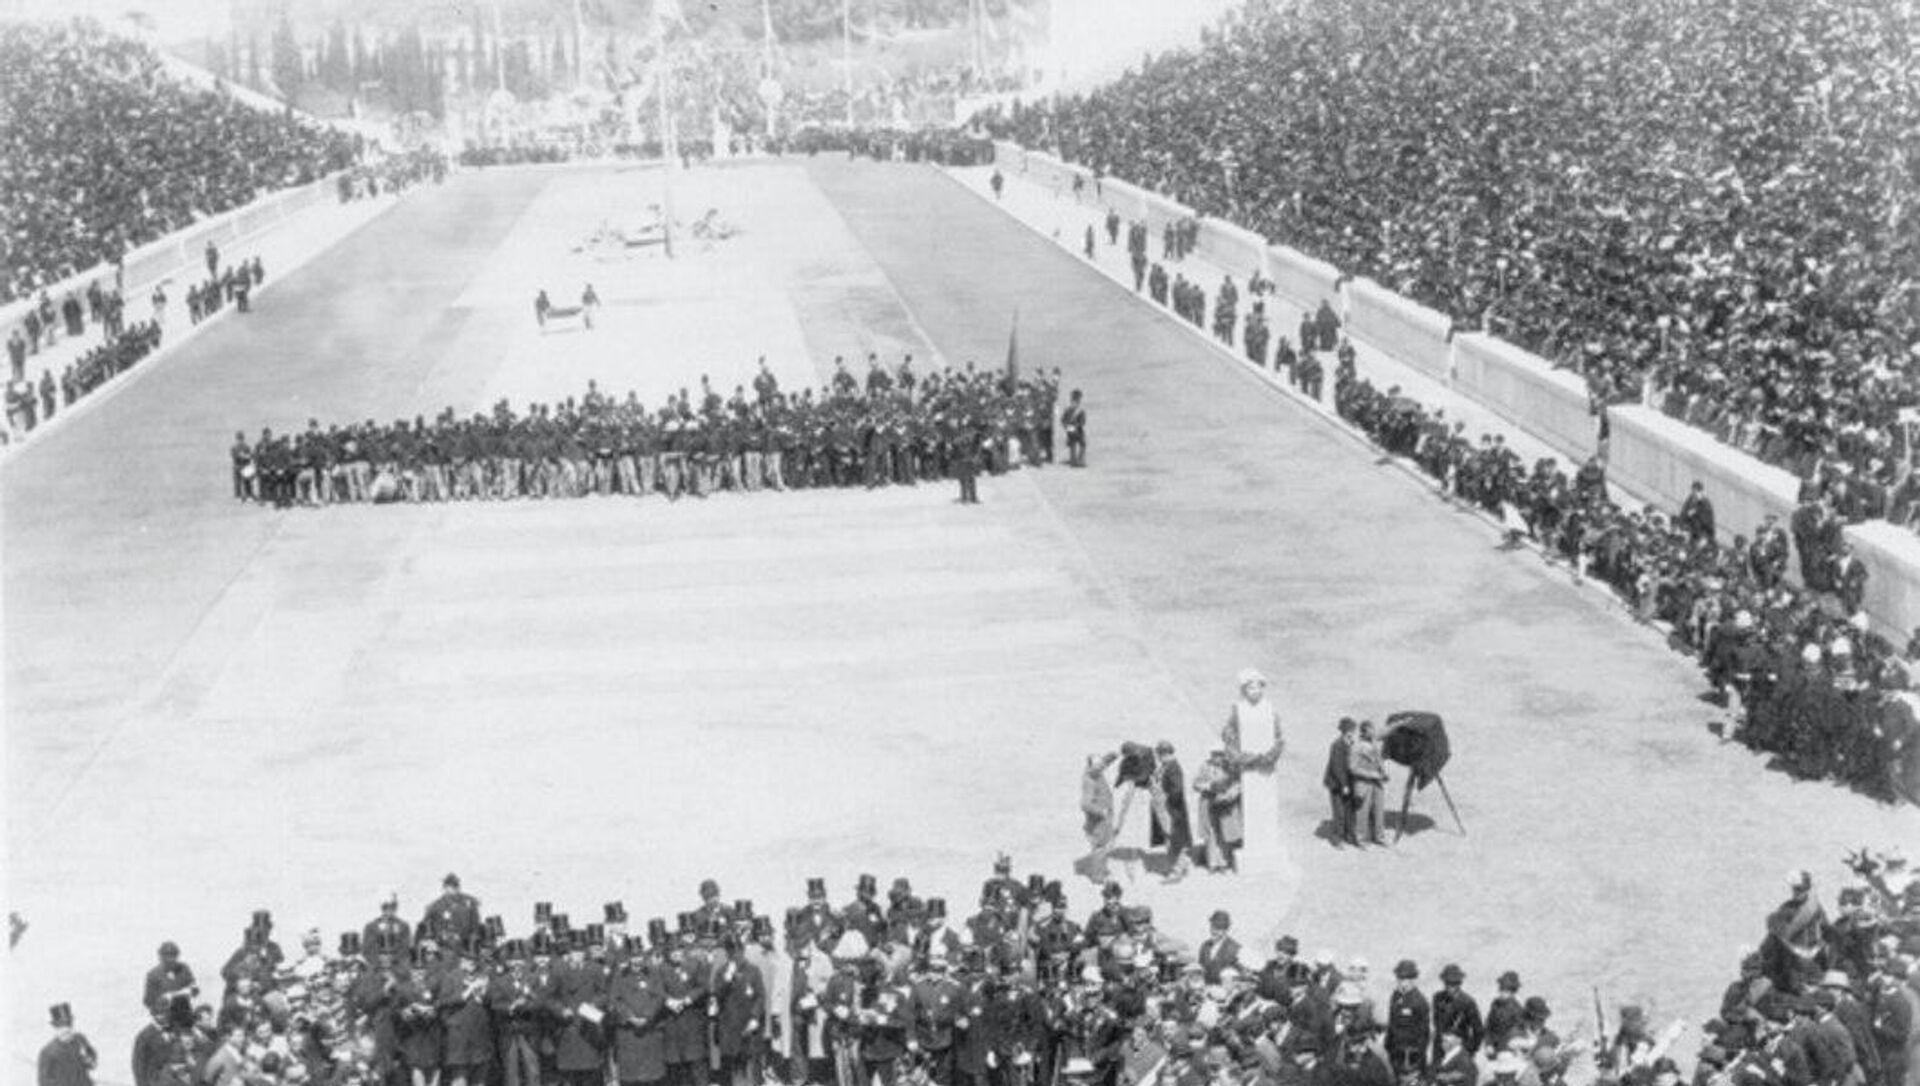 Церемония открытия Олимпийских Игр 1896 года на стадионе Панатинаикос в Афинах - РИА Новости, 1920, 23.04.2020